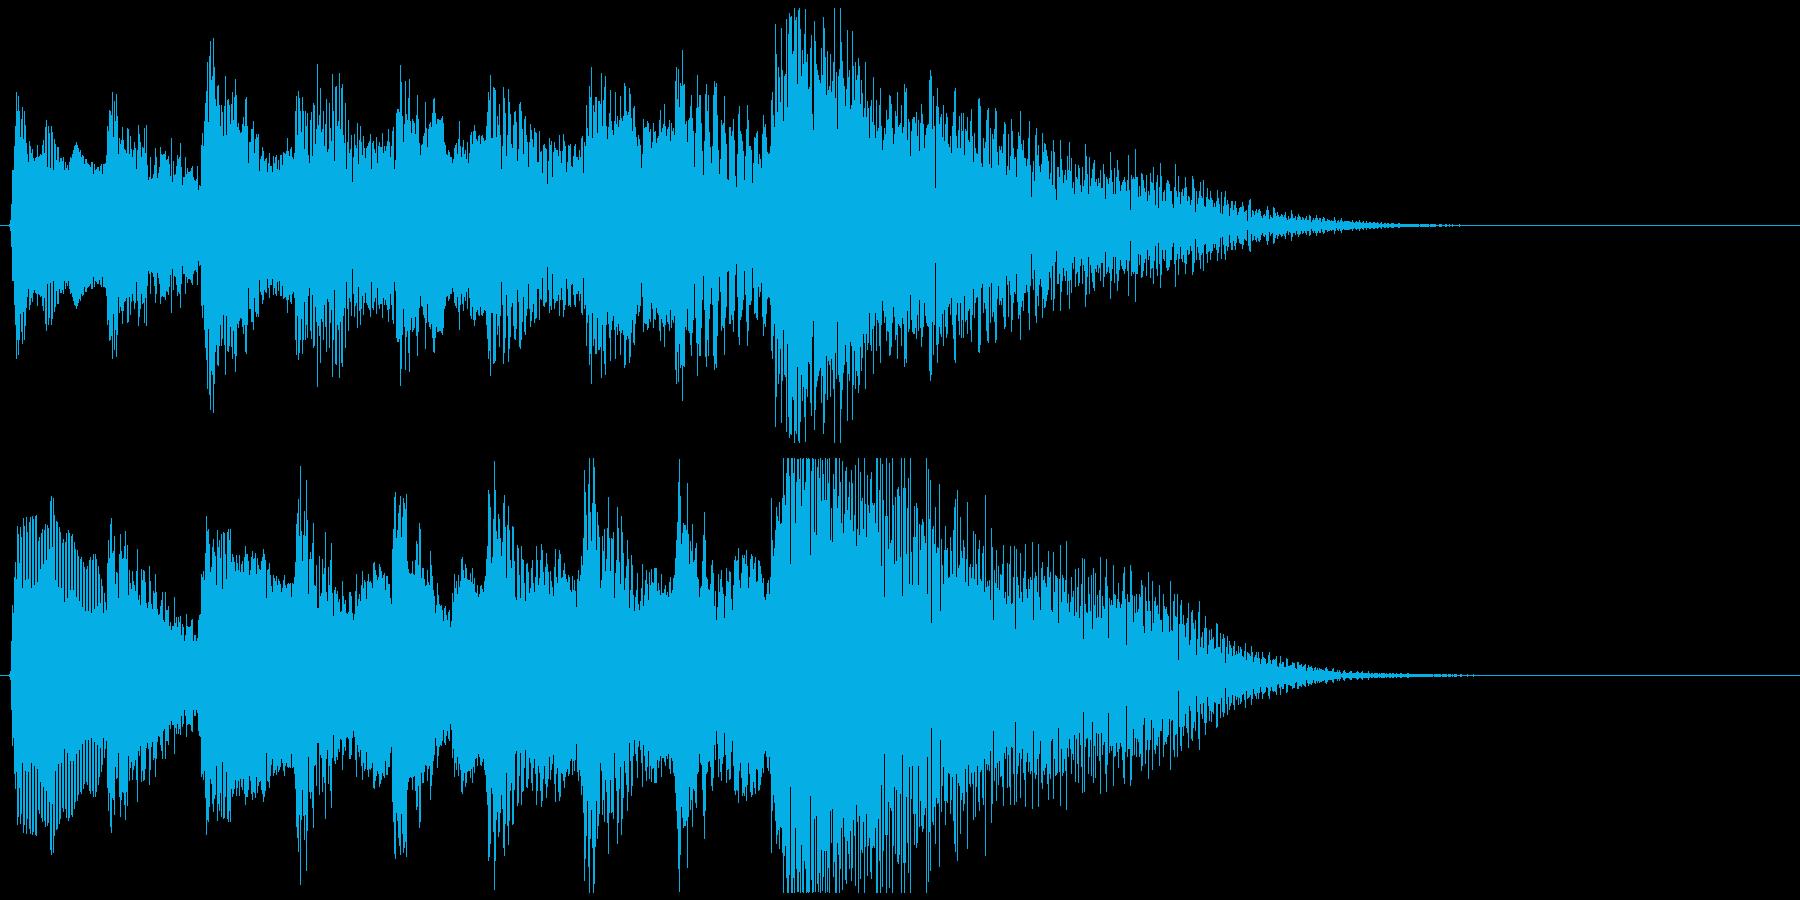 琴のシンプルなジングルの再生済みの波形